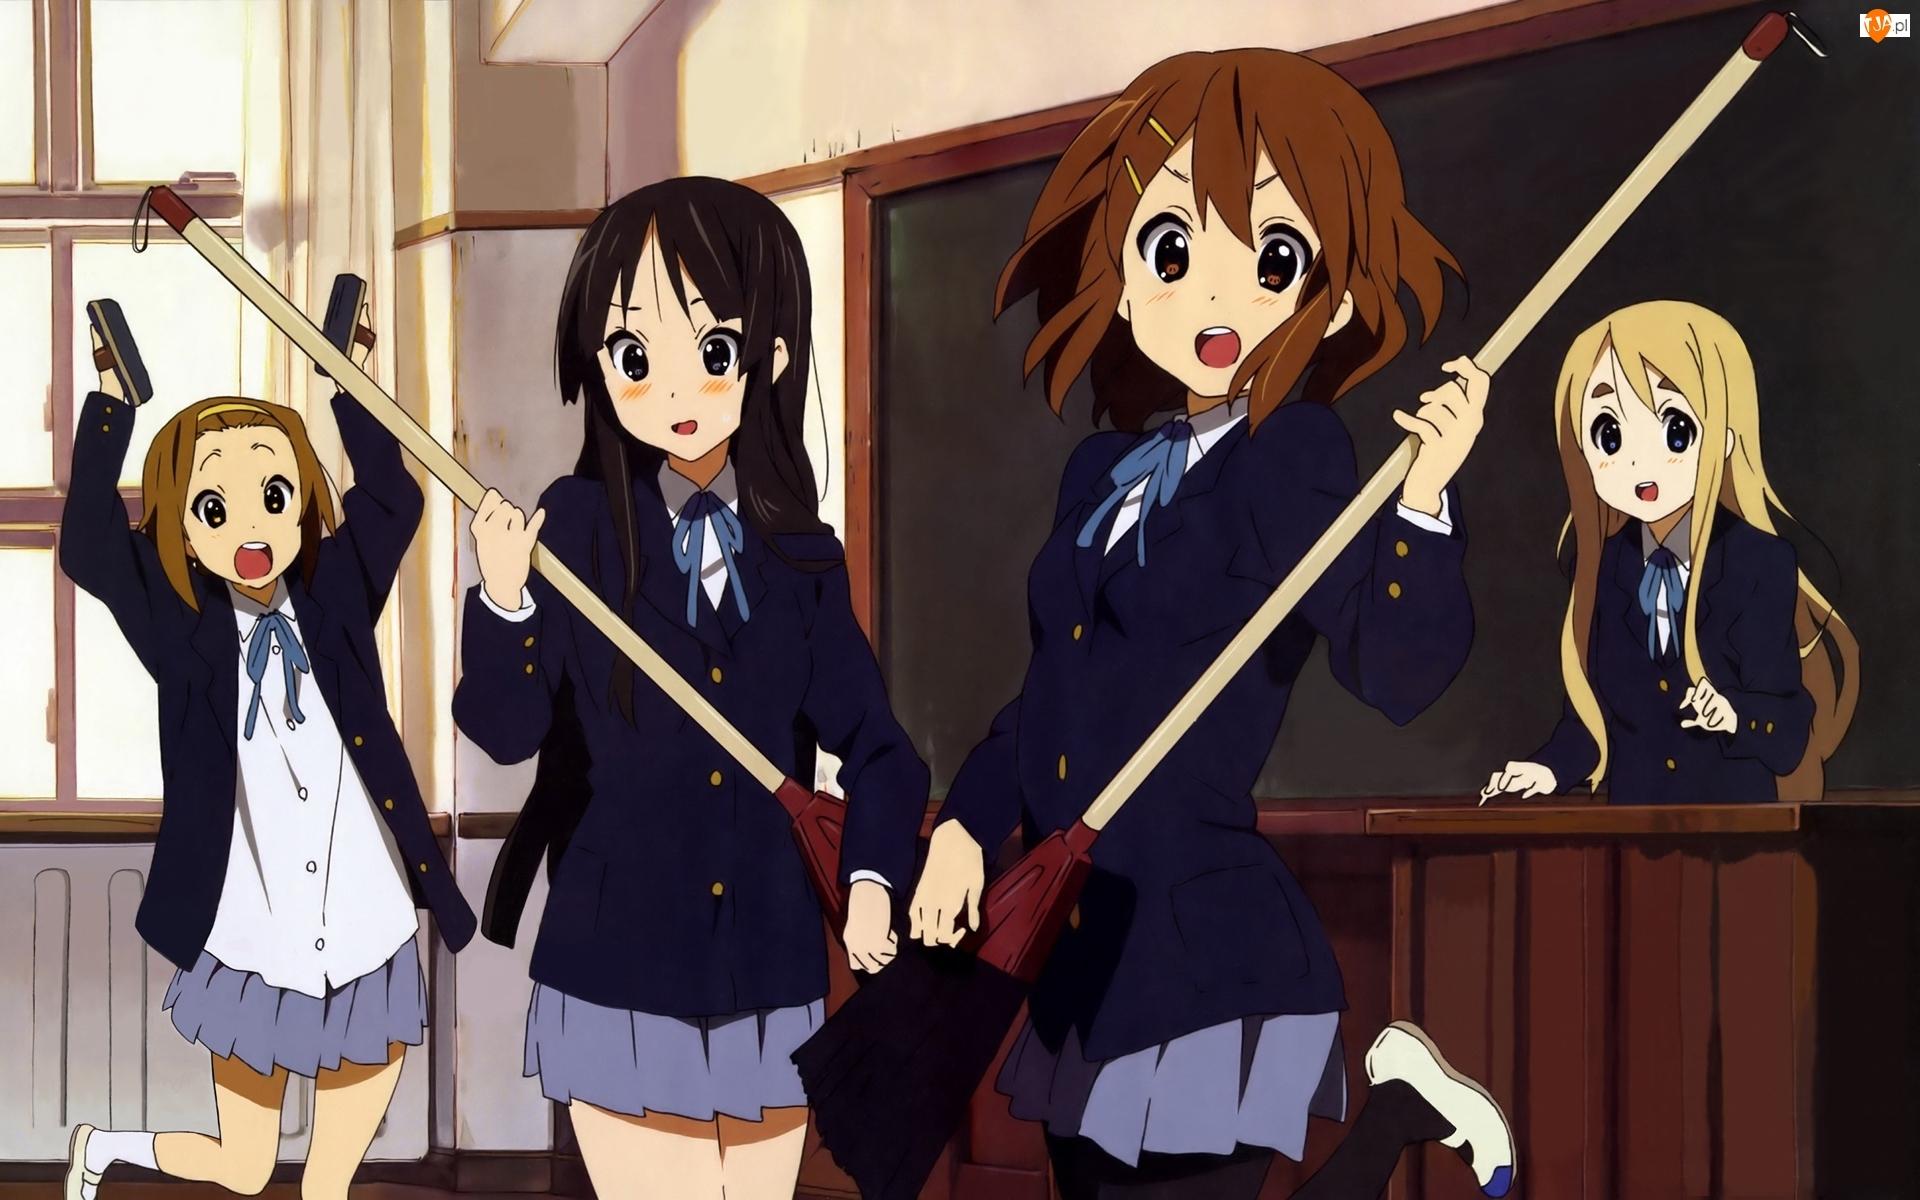 Manga, Tablica, Miotły, Dziewczyny, Anime, Szczotki, Okno